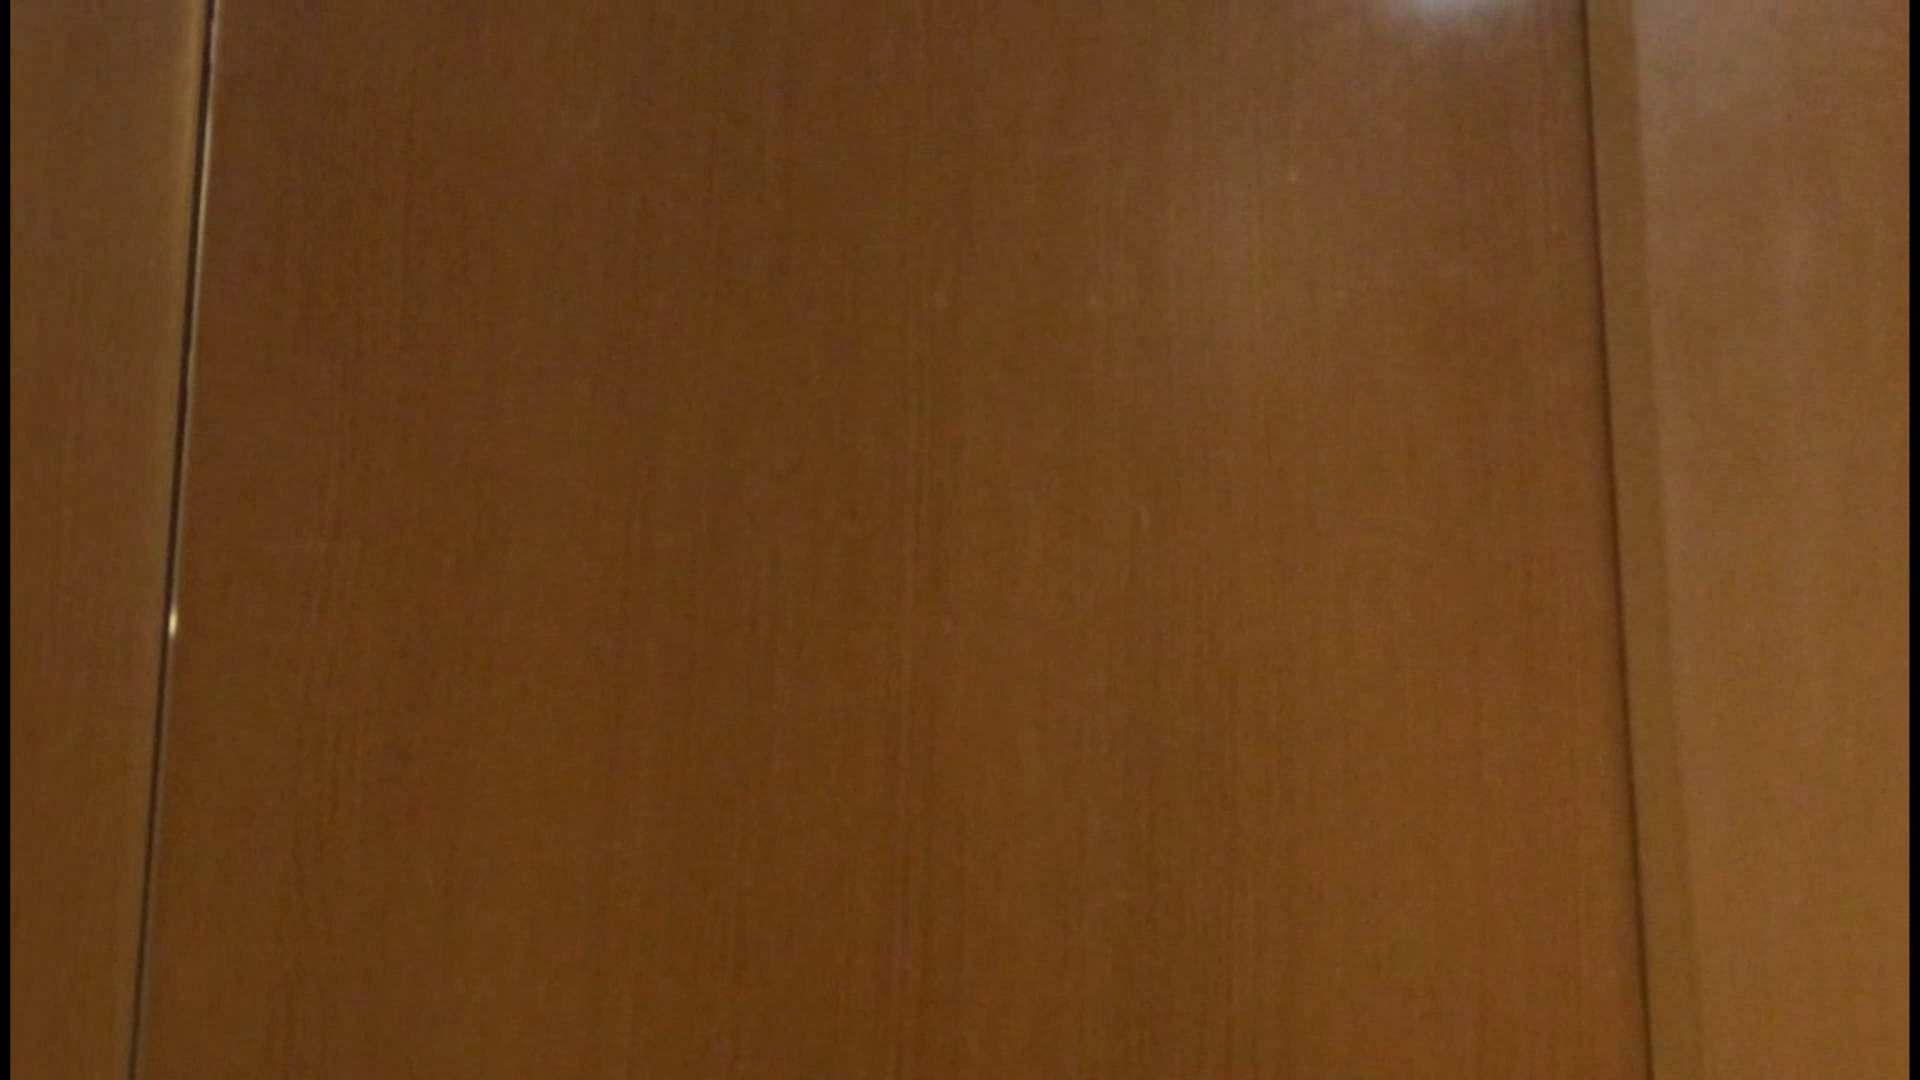 「噂」の国の厠観察日記2 Vol.08 OLハメ撮り  111Pix 20